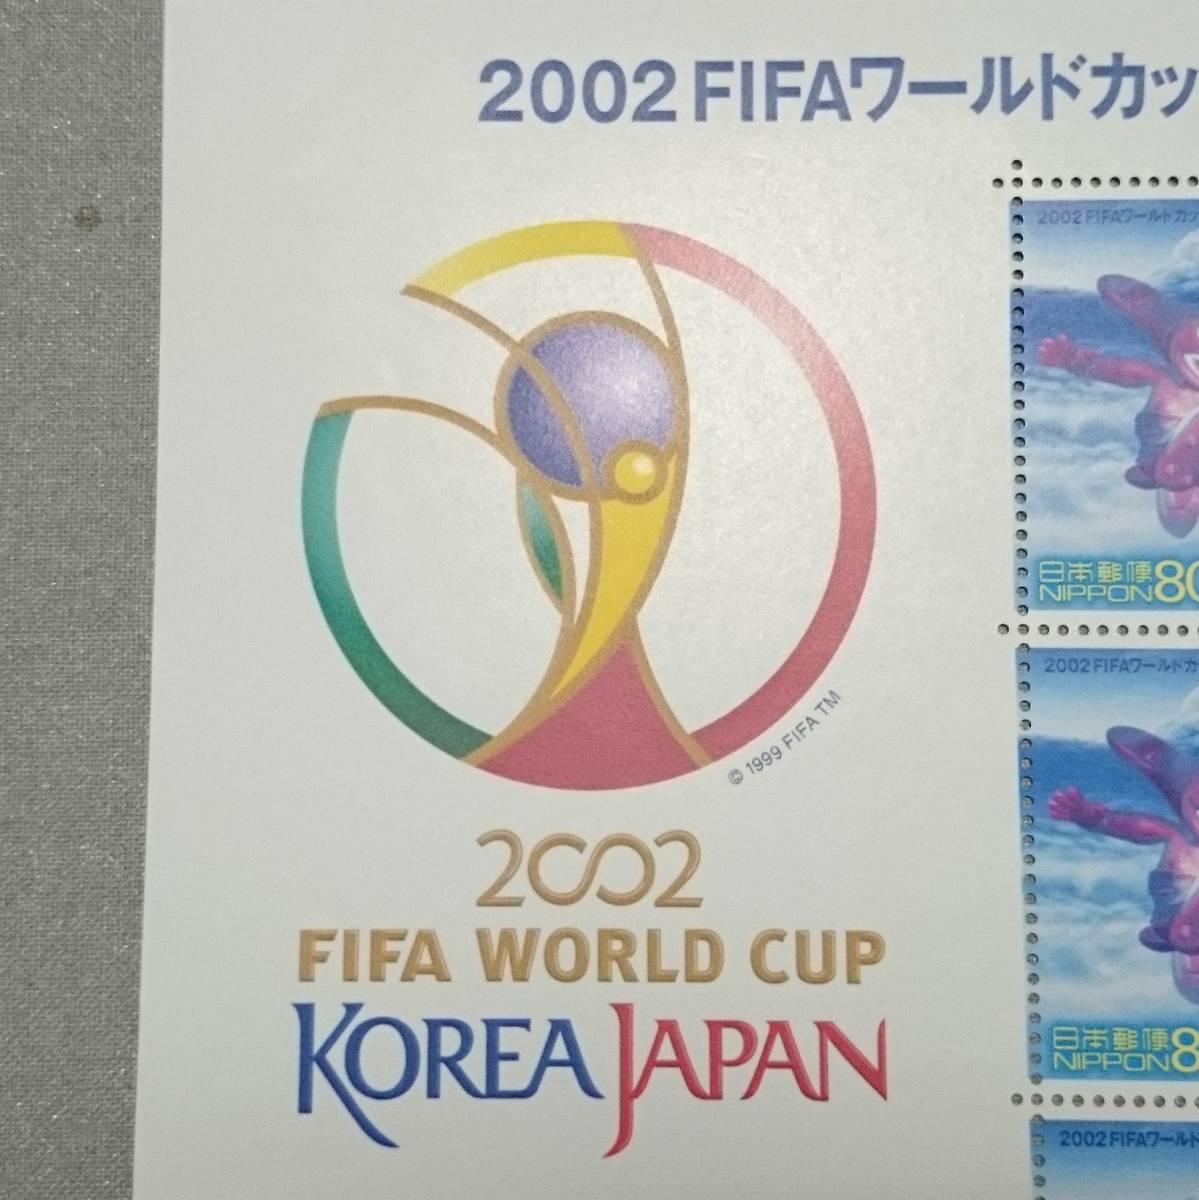 【未使用】2002 FIFA ワールドカップ 寄付金付 2001年/平成13年 切手 シート 80円×10枚 800円分 サッカー KOREA JAPAN WORLD CUP 記念_画像5